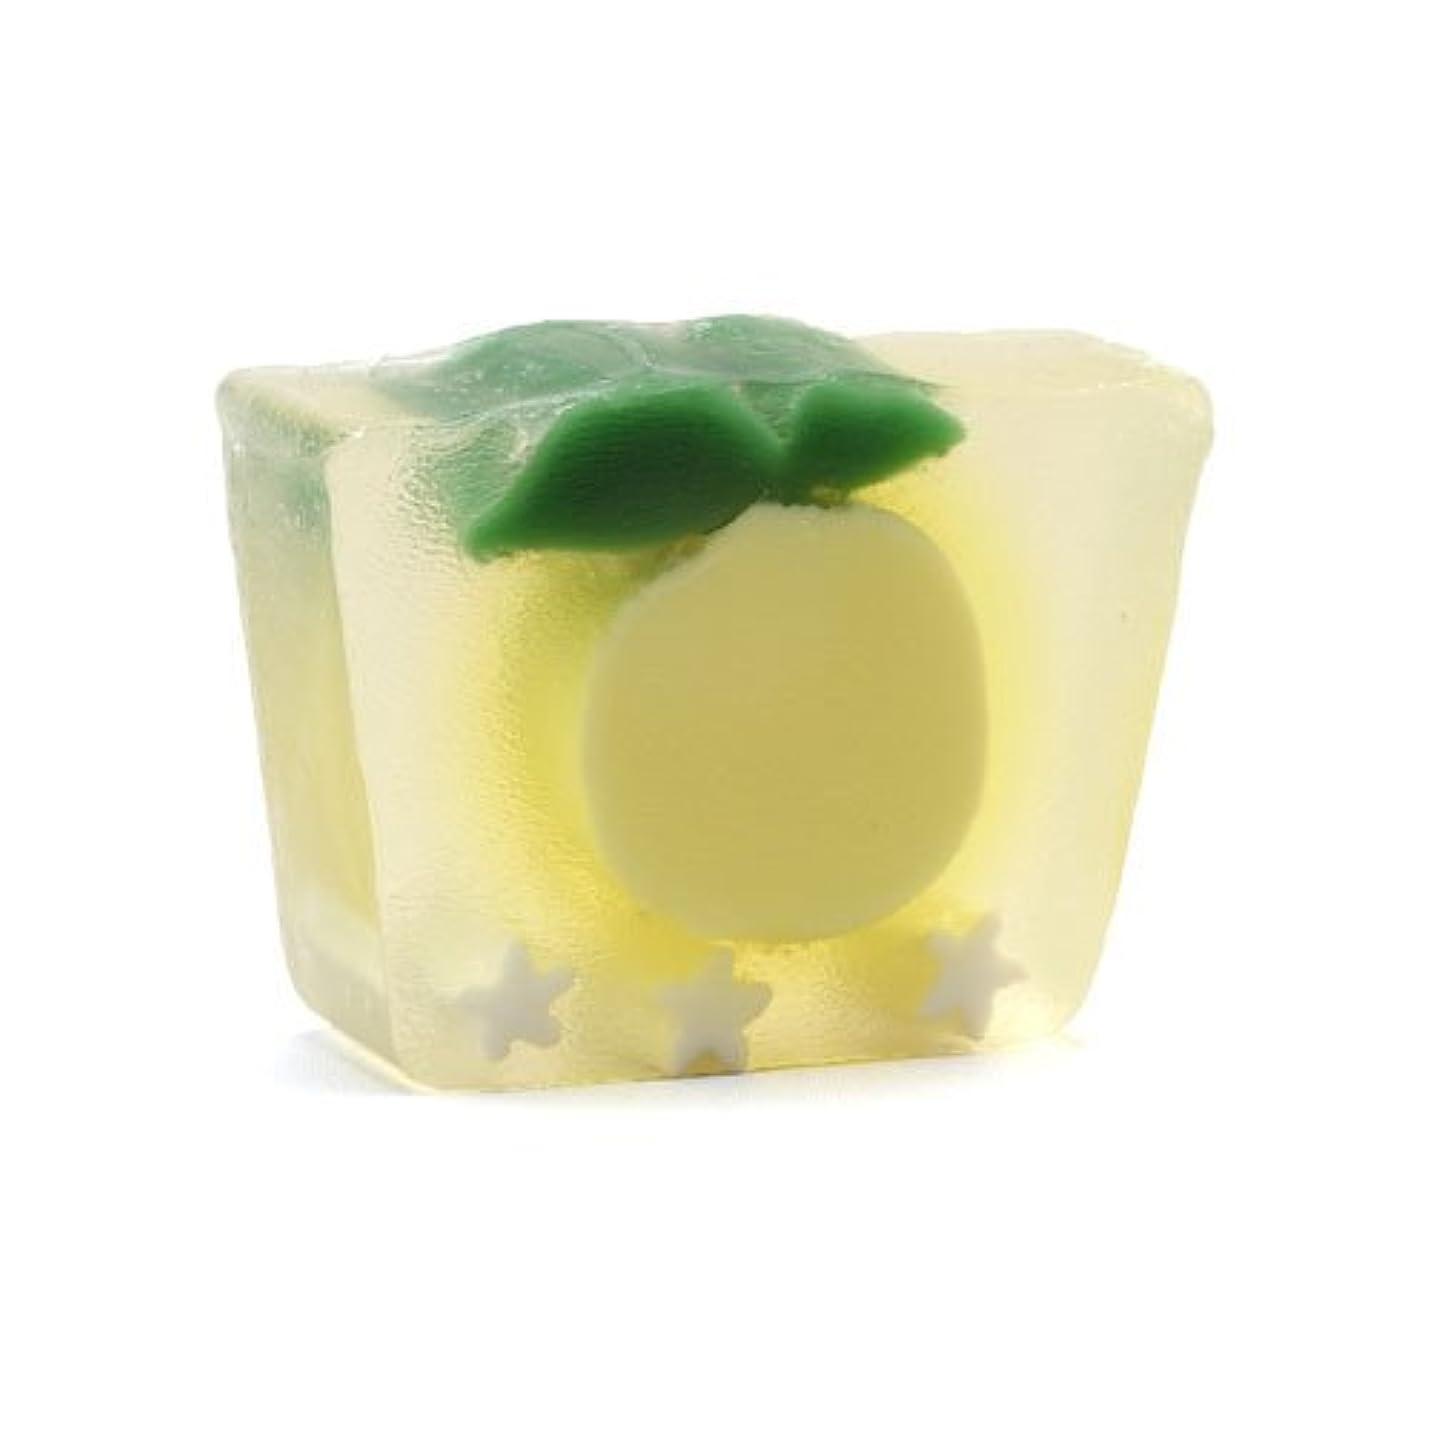 不可能な多用途懲らしめプライモールエレメンツ アロマティック ミニソープ カリフォルニアレモン 80g 植物性 ナチュラル 石鹸 無添加